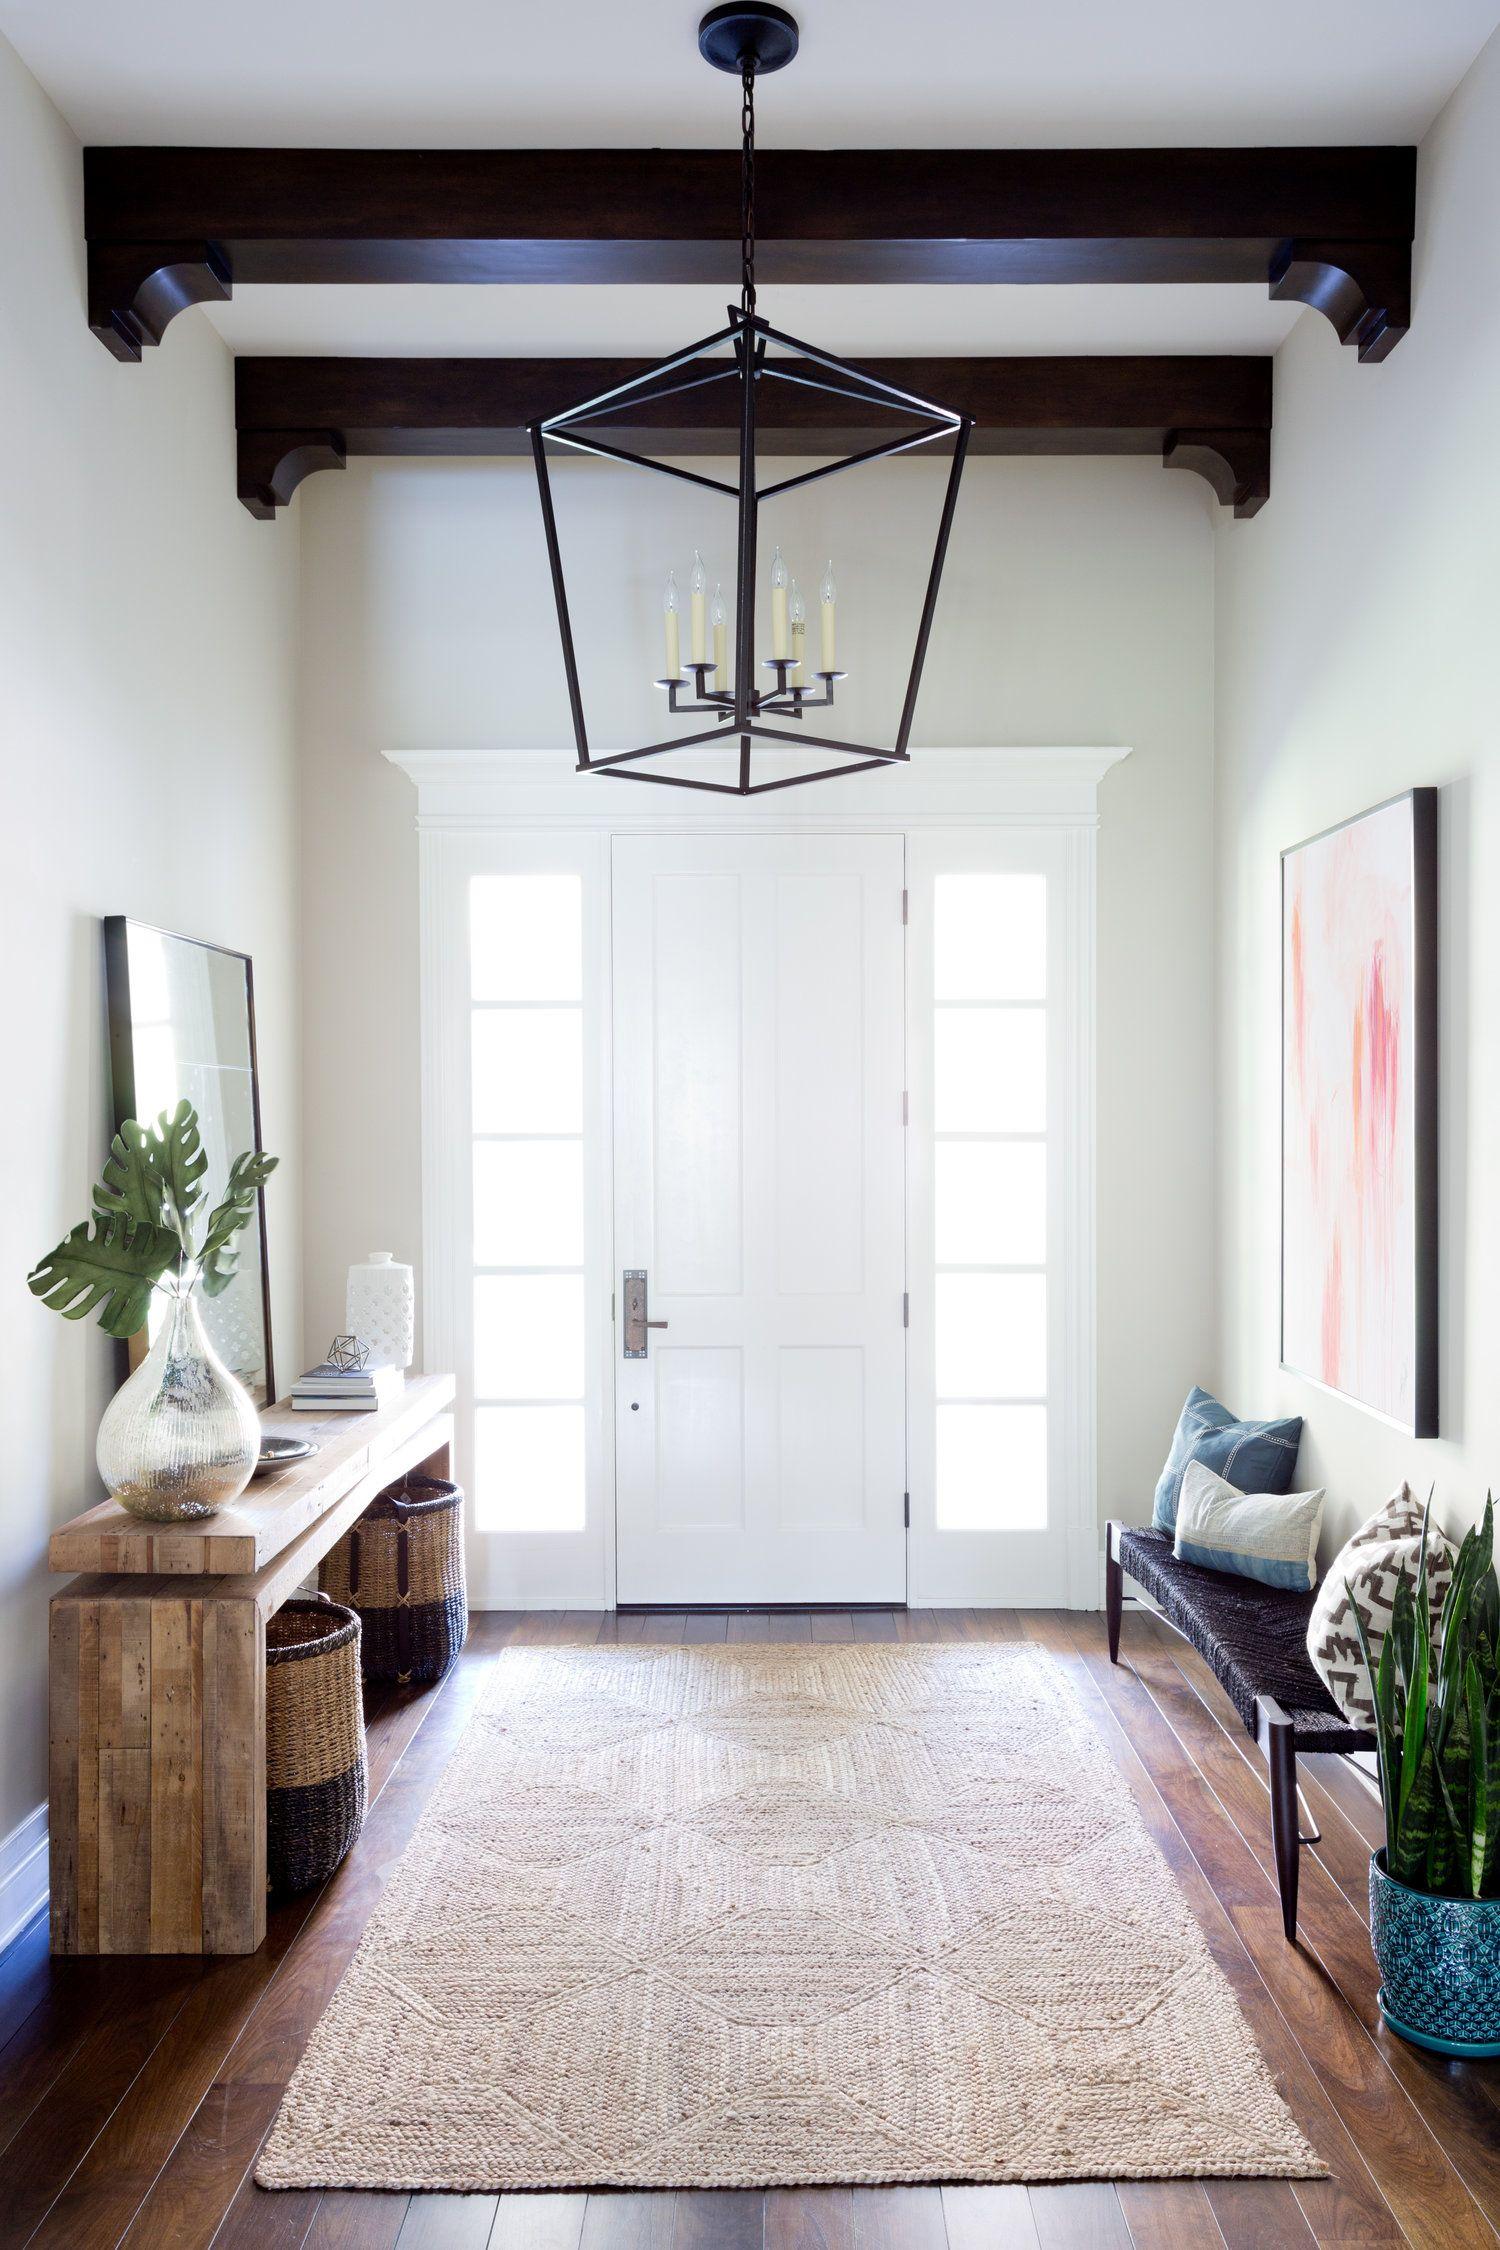 Room Lighting Design Software: Lake Sherwood- Lindsey Brooke Design